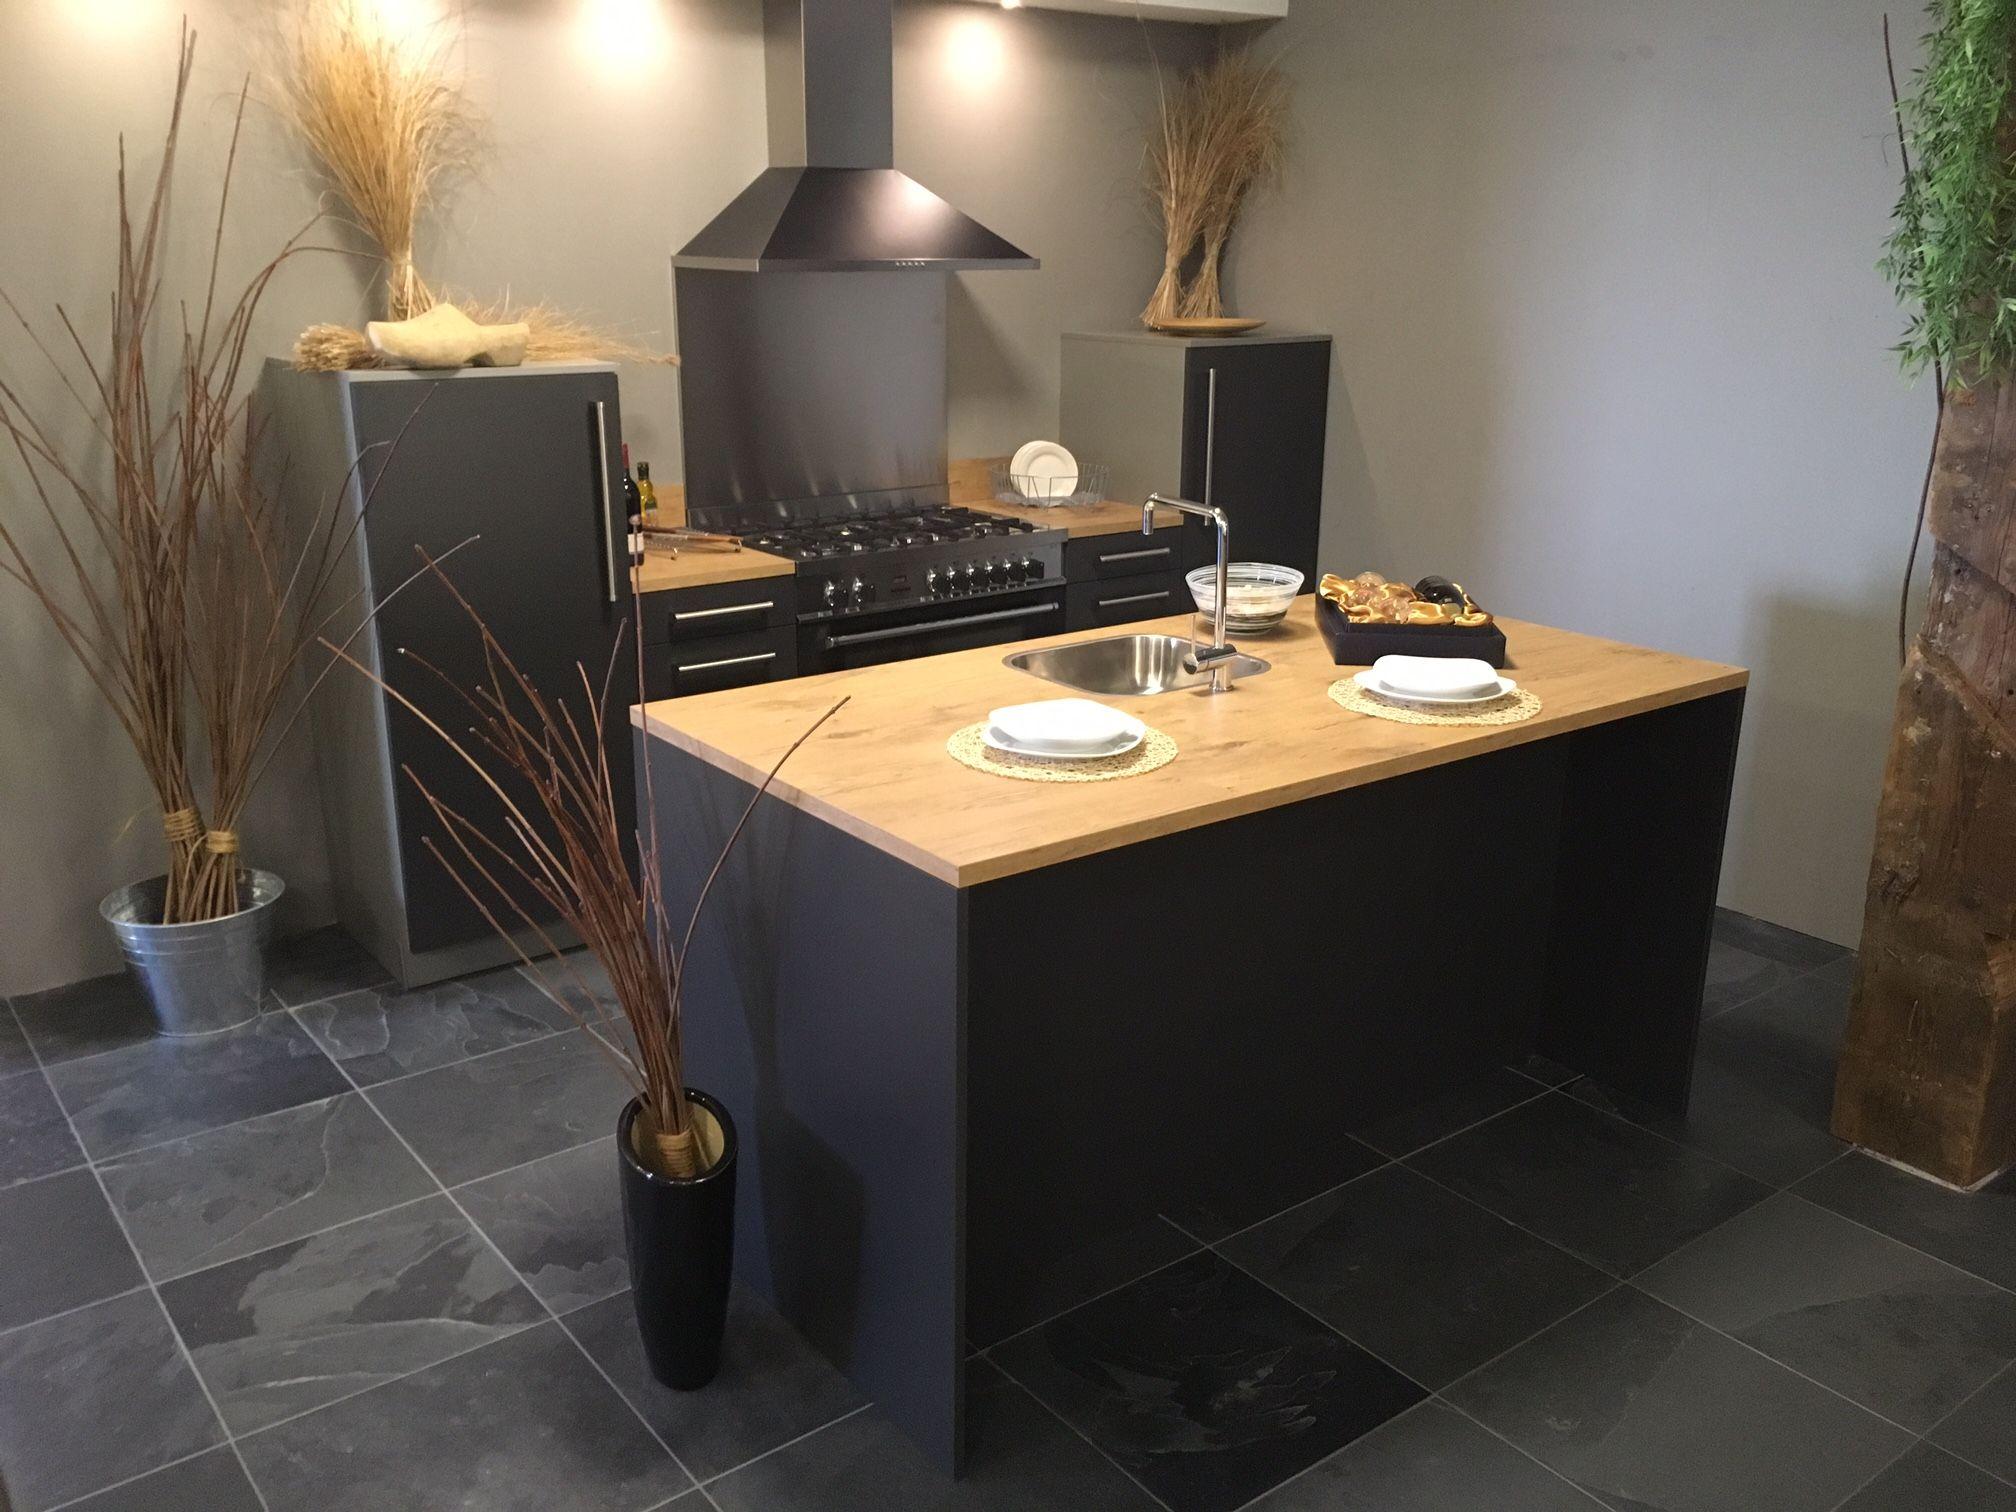 Keukenprijs altijd de beste keukenprijs eiland keuken modern grijs 54120 - Idee deco keuken grijs ...